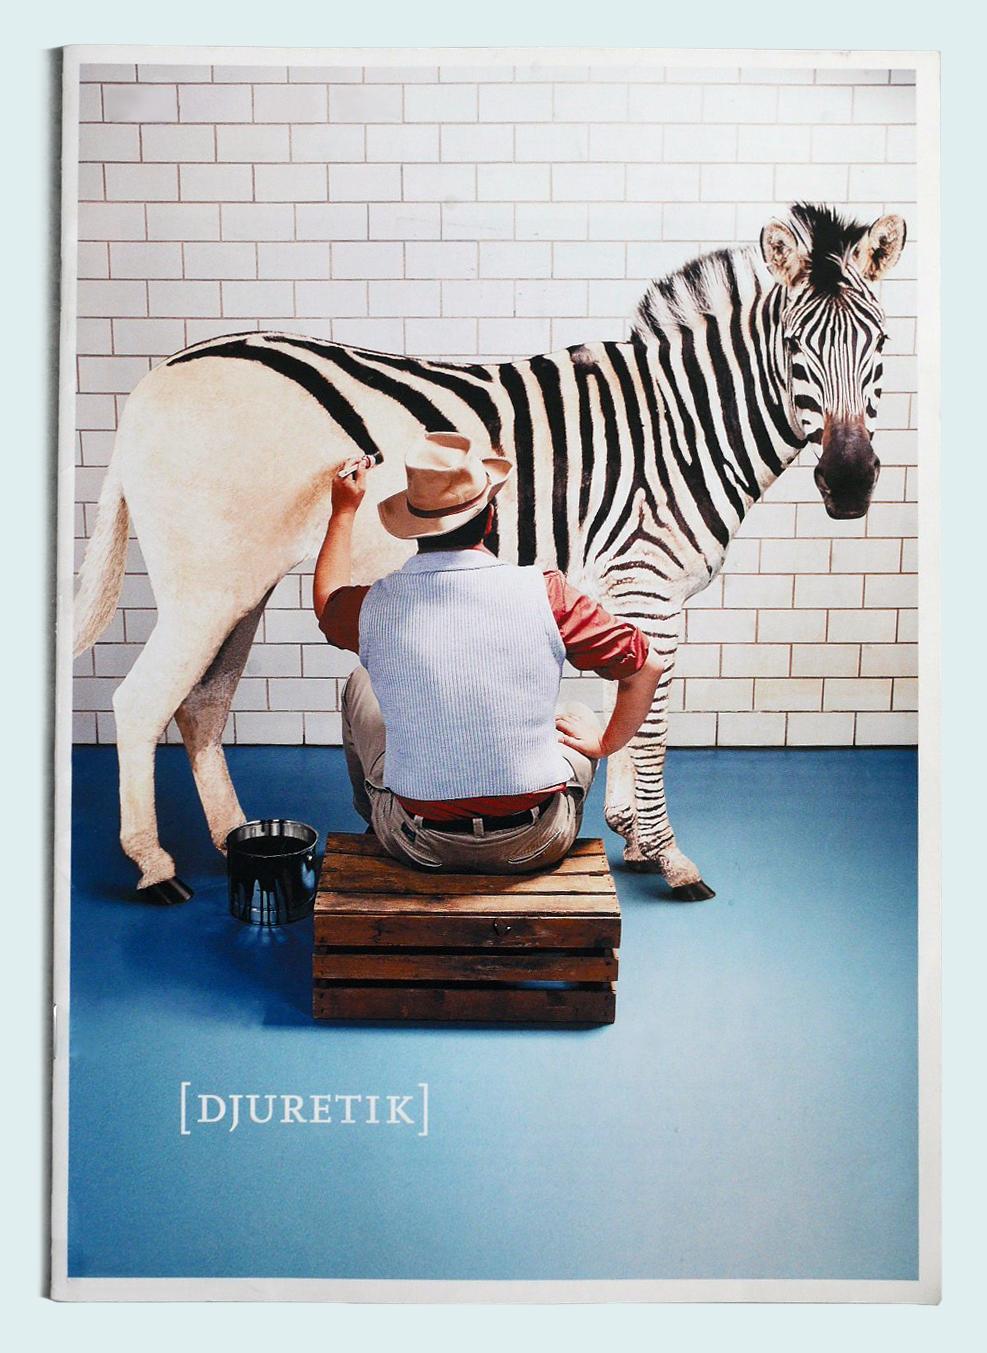 djuretik.jpg